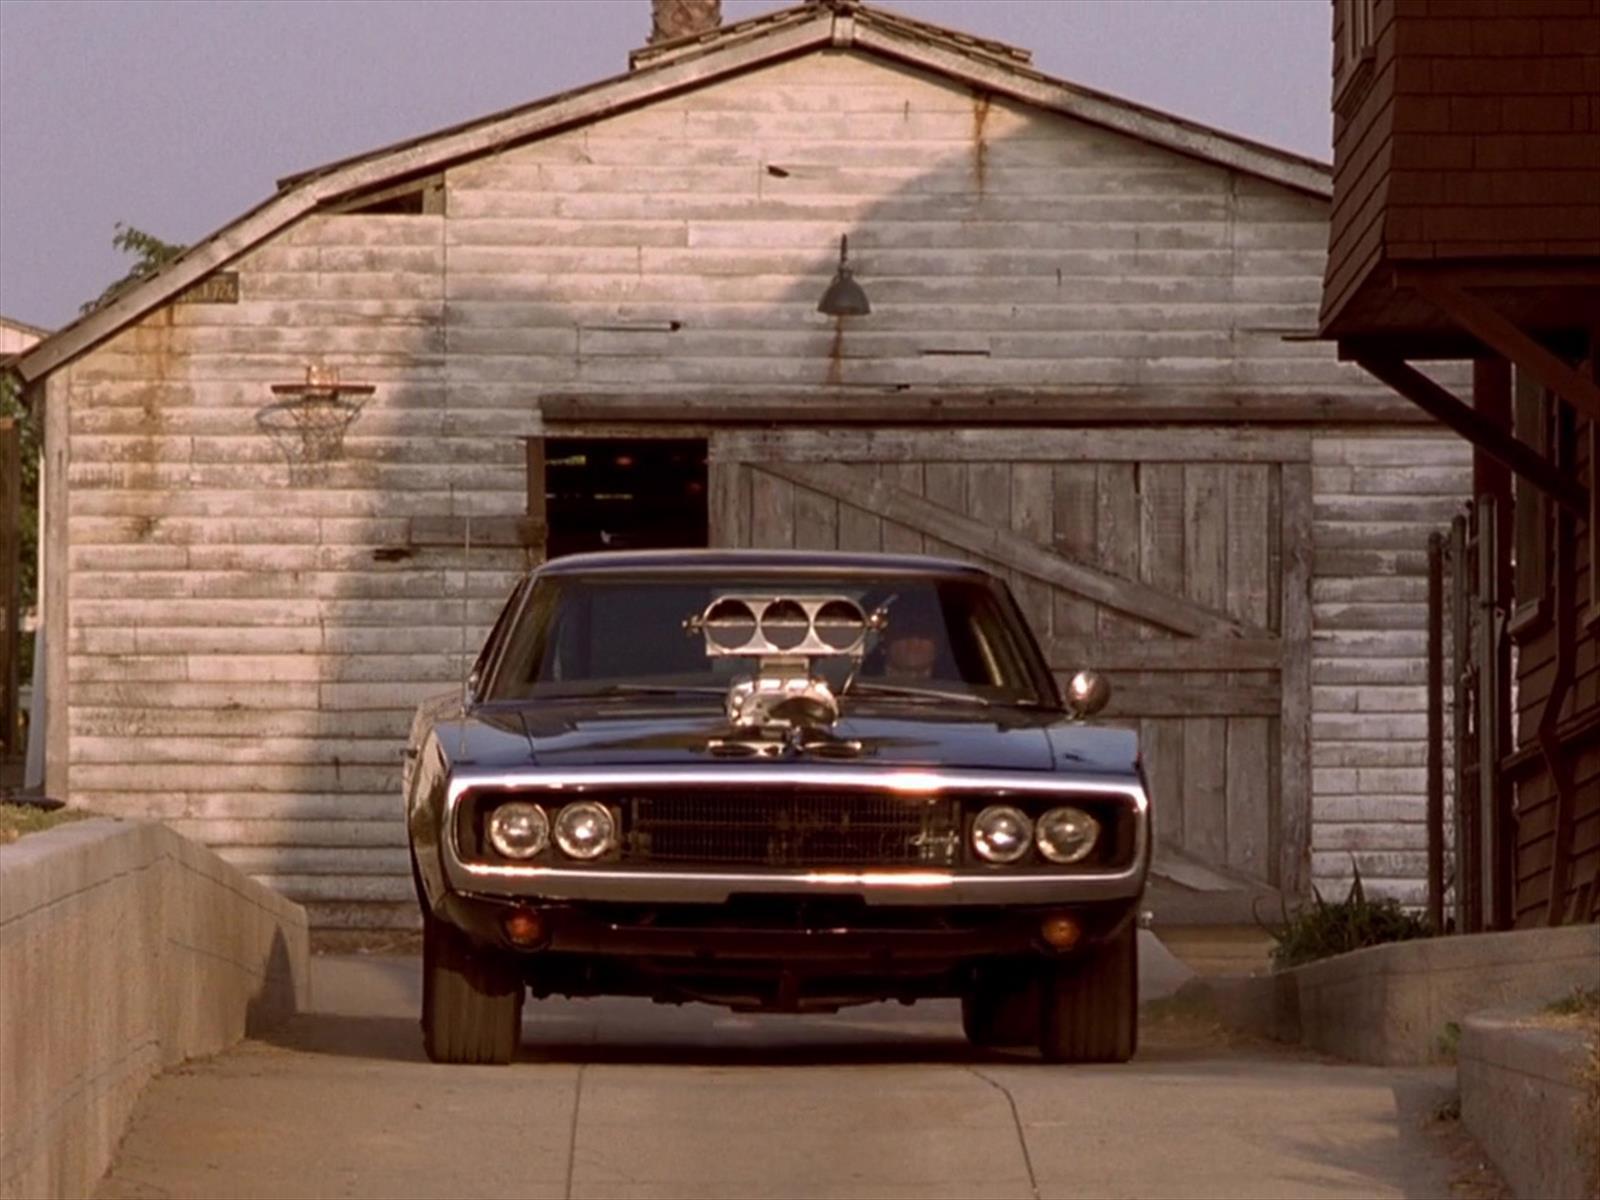 Vin Diesel Cars